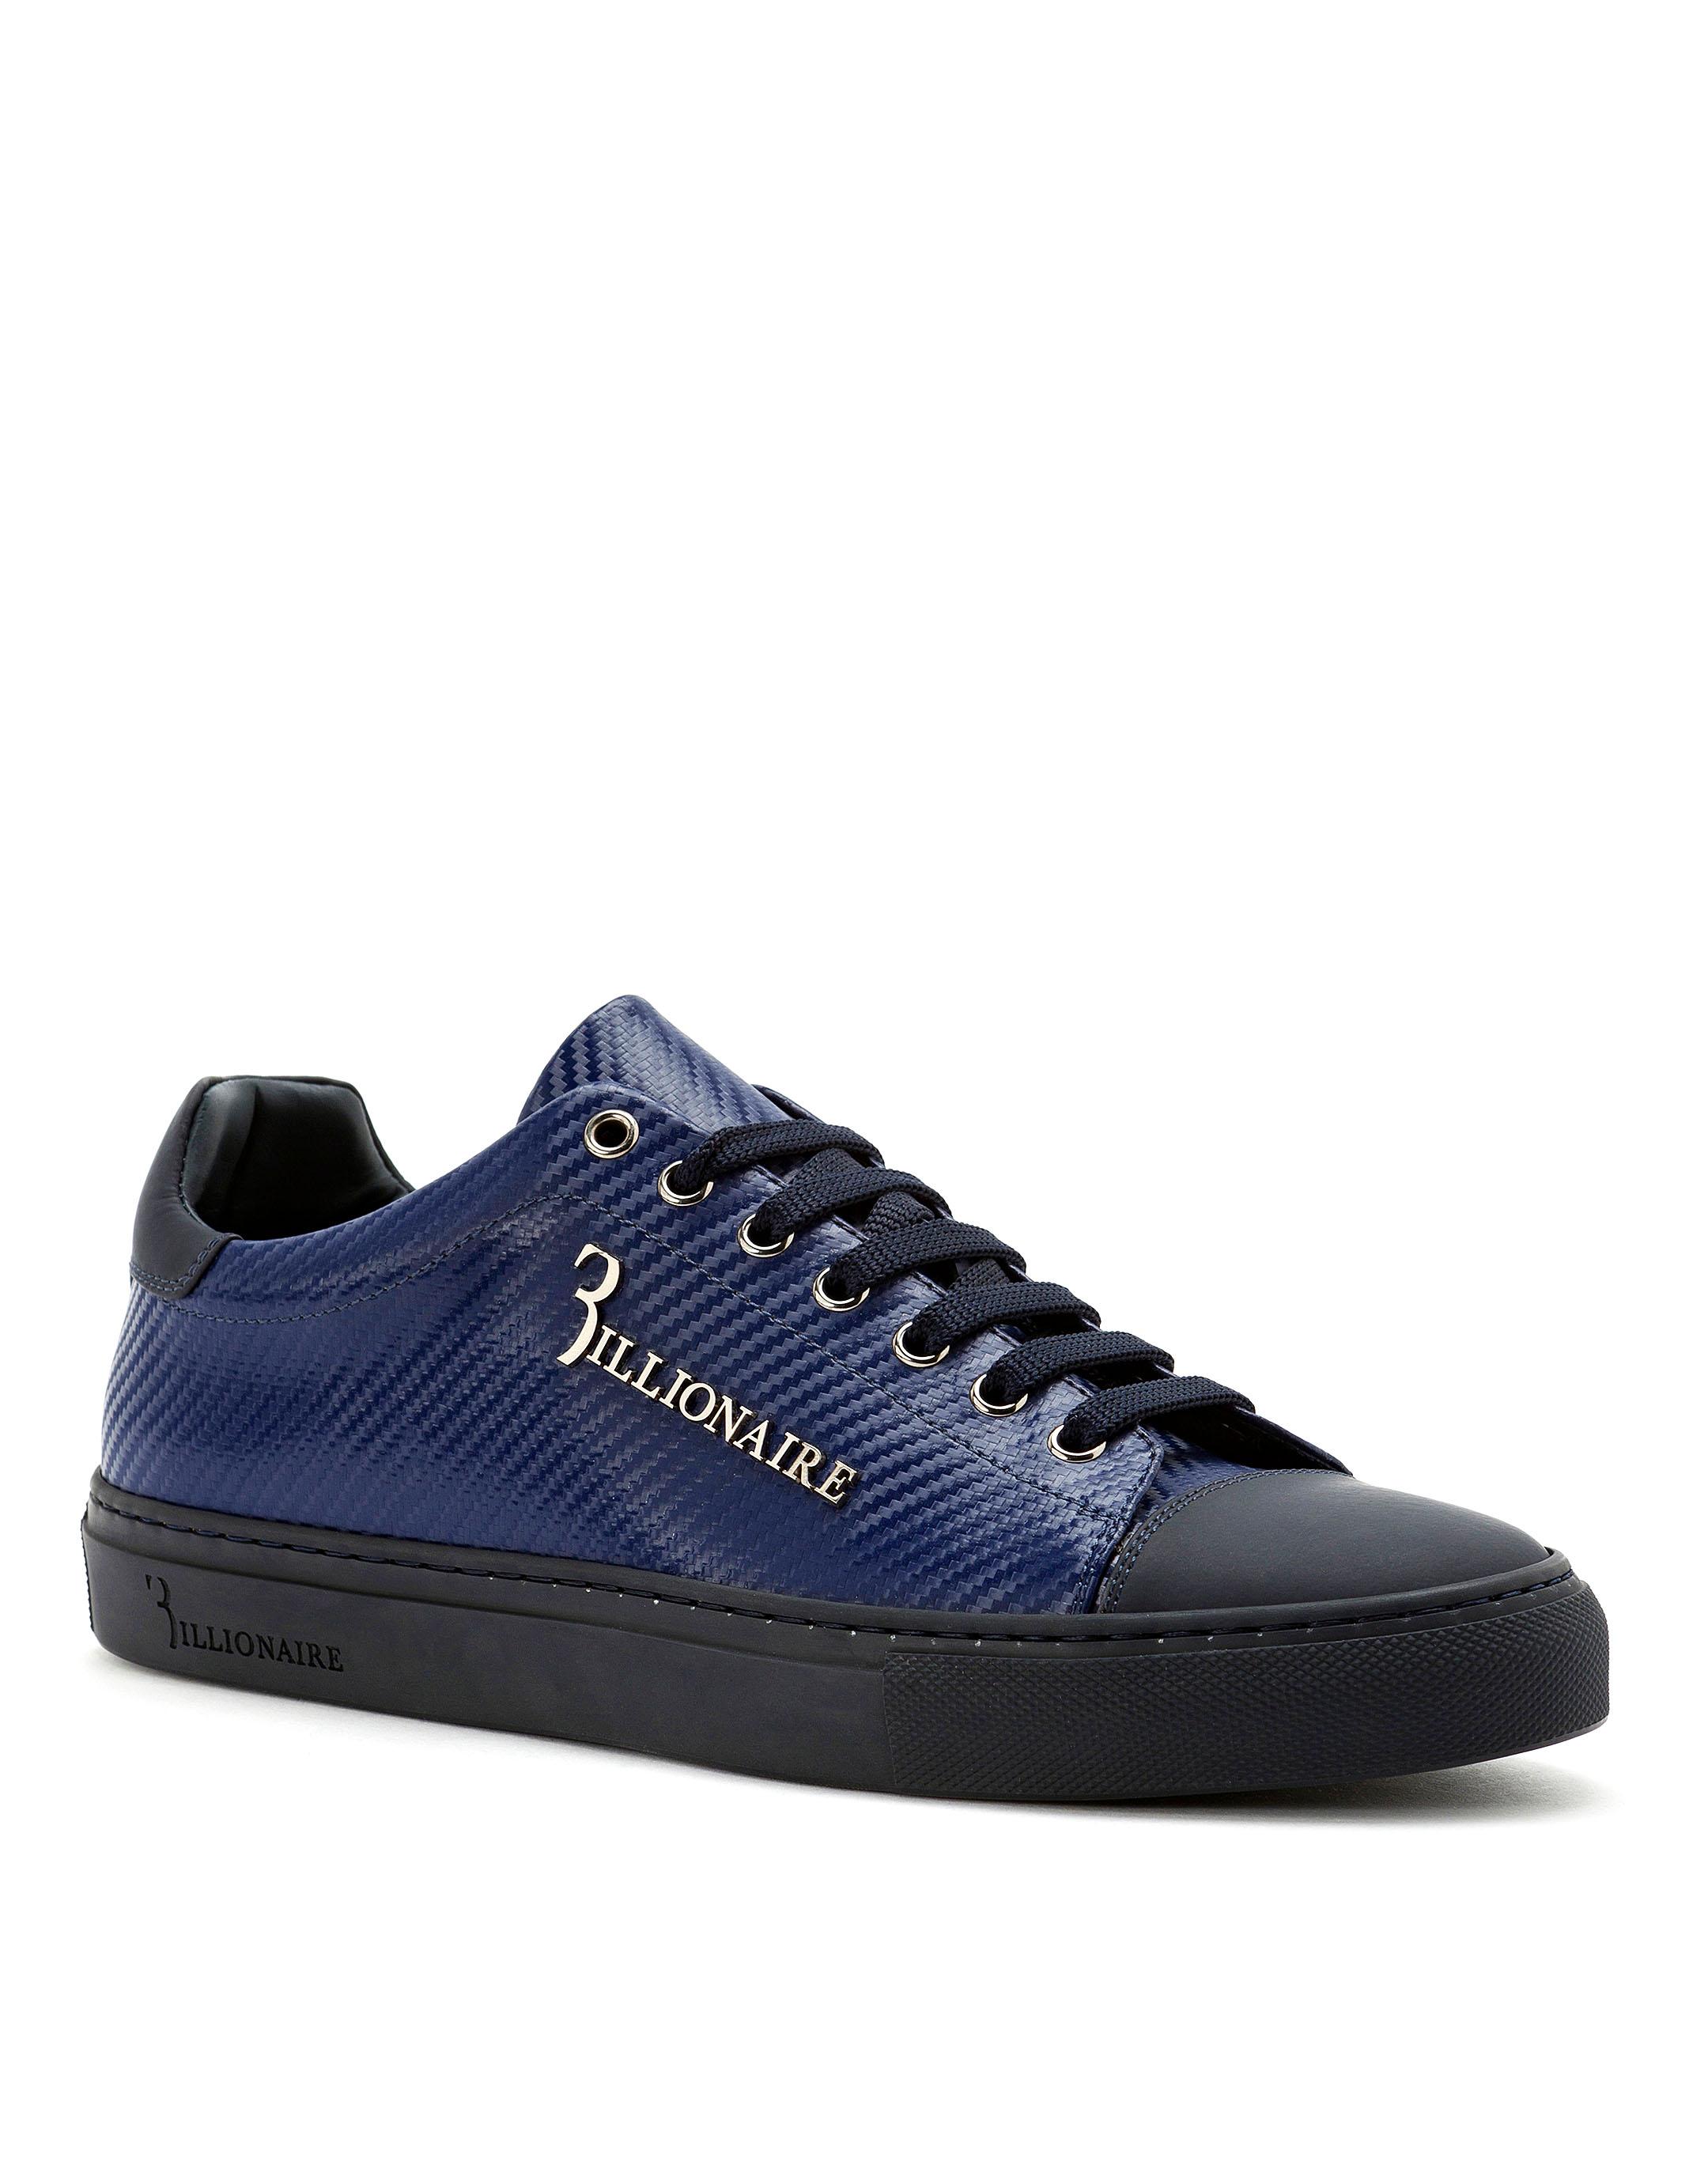 Sneakers Original Billionaire | Shoes